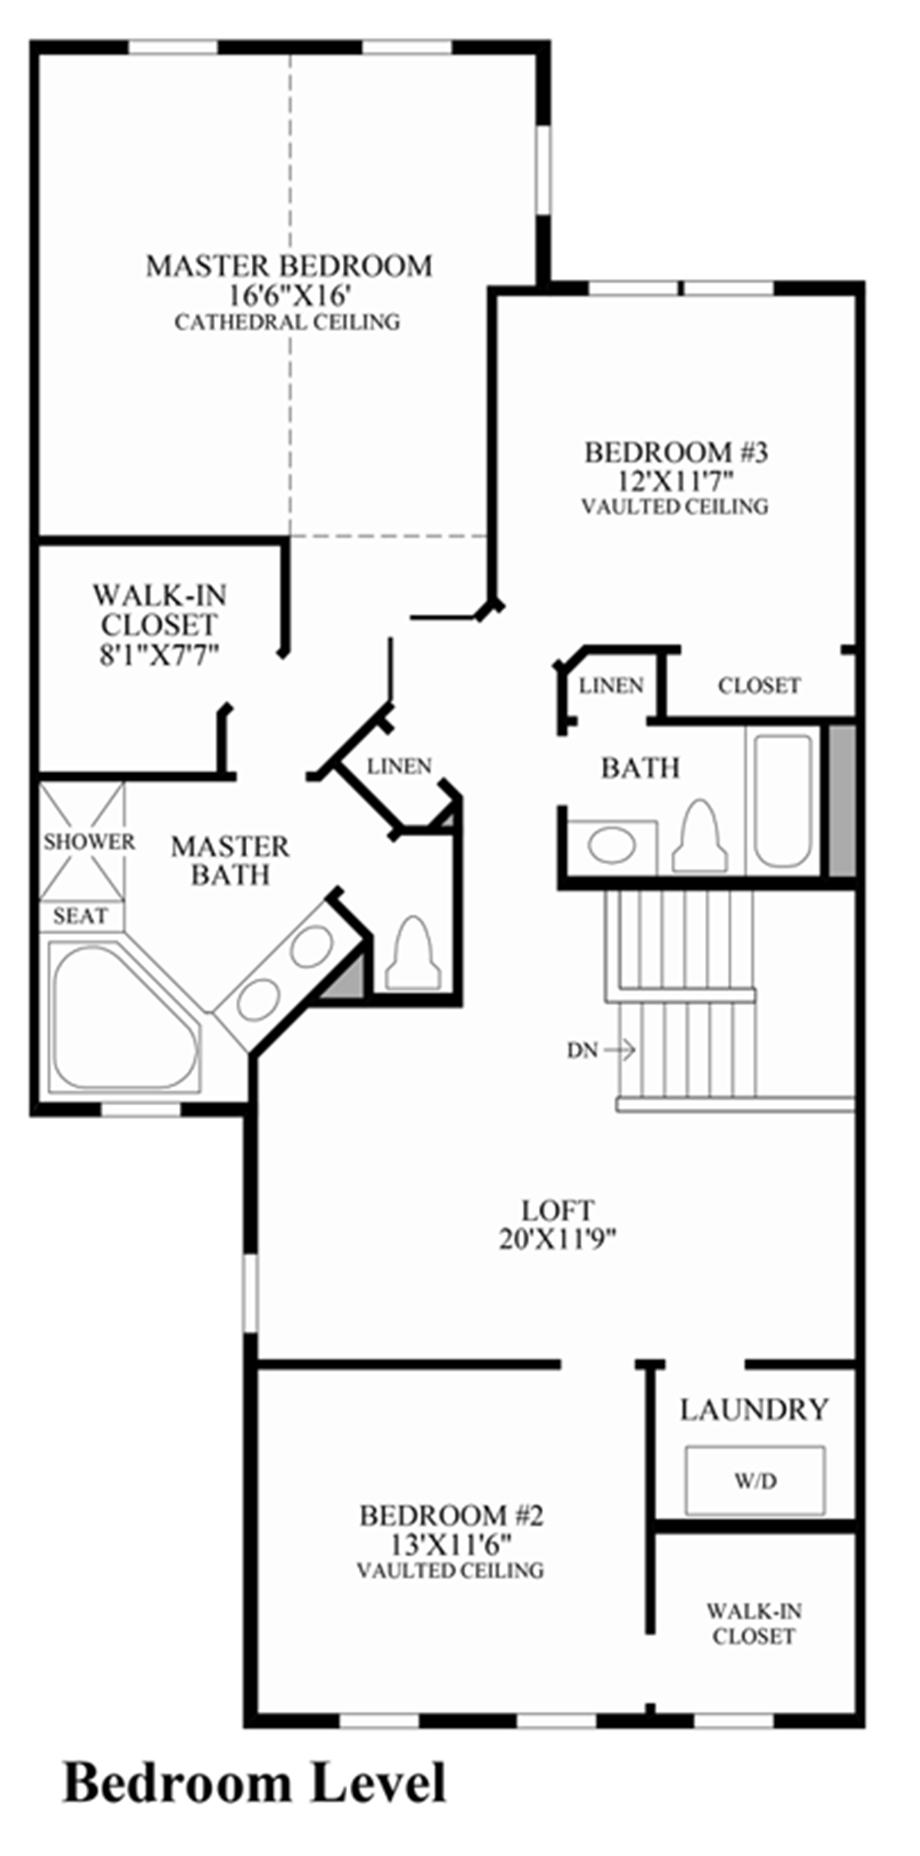 Bedroom level floor plan for Design your own bedroom floor plan